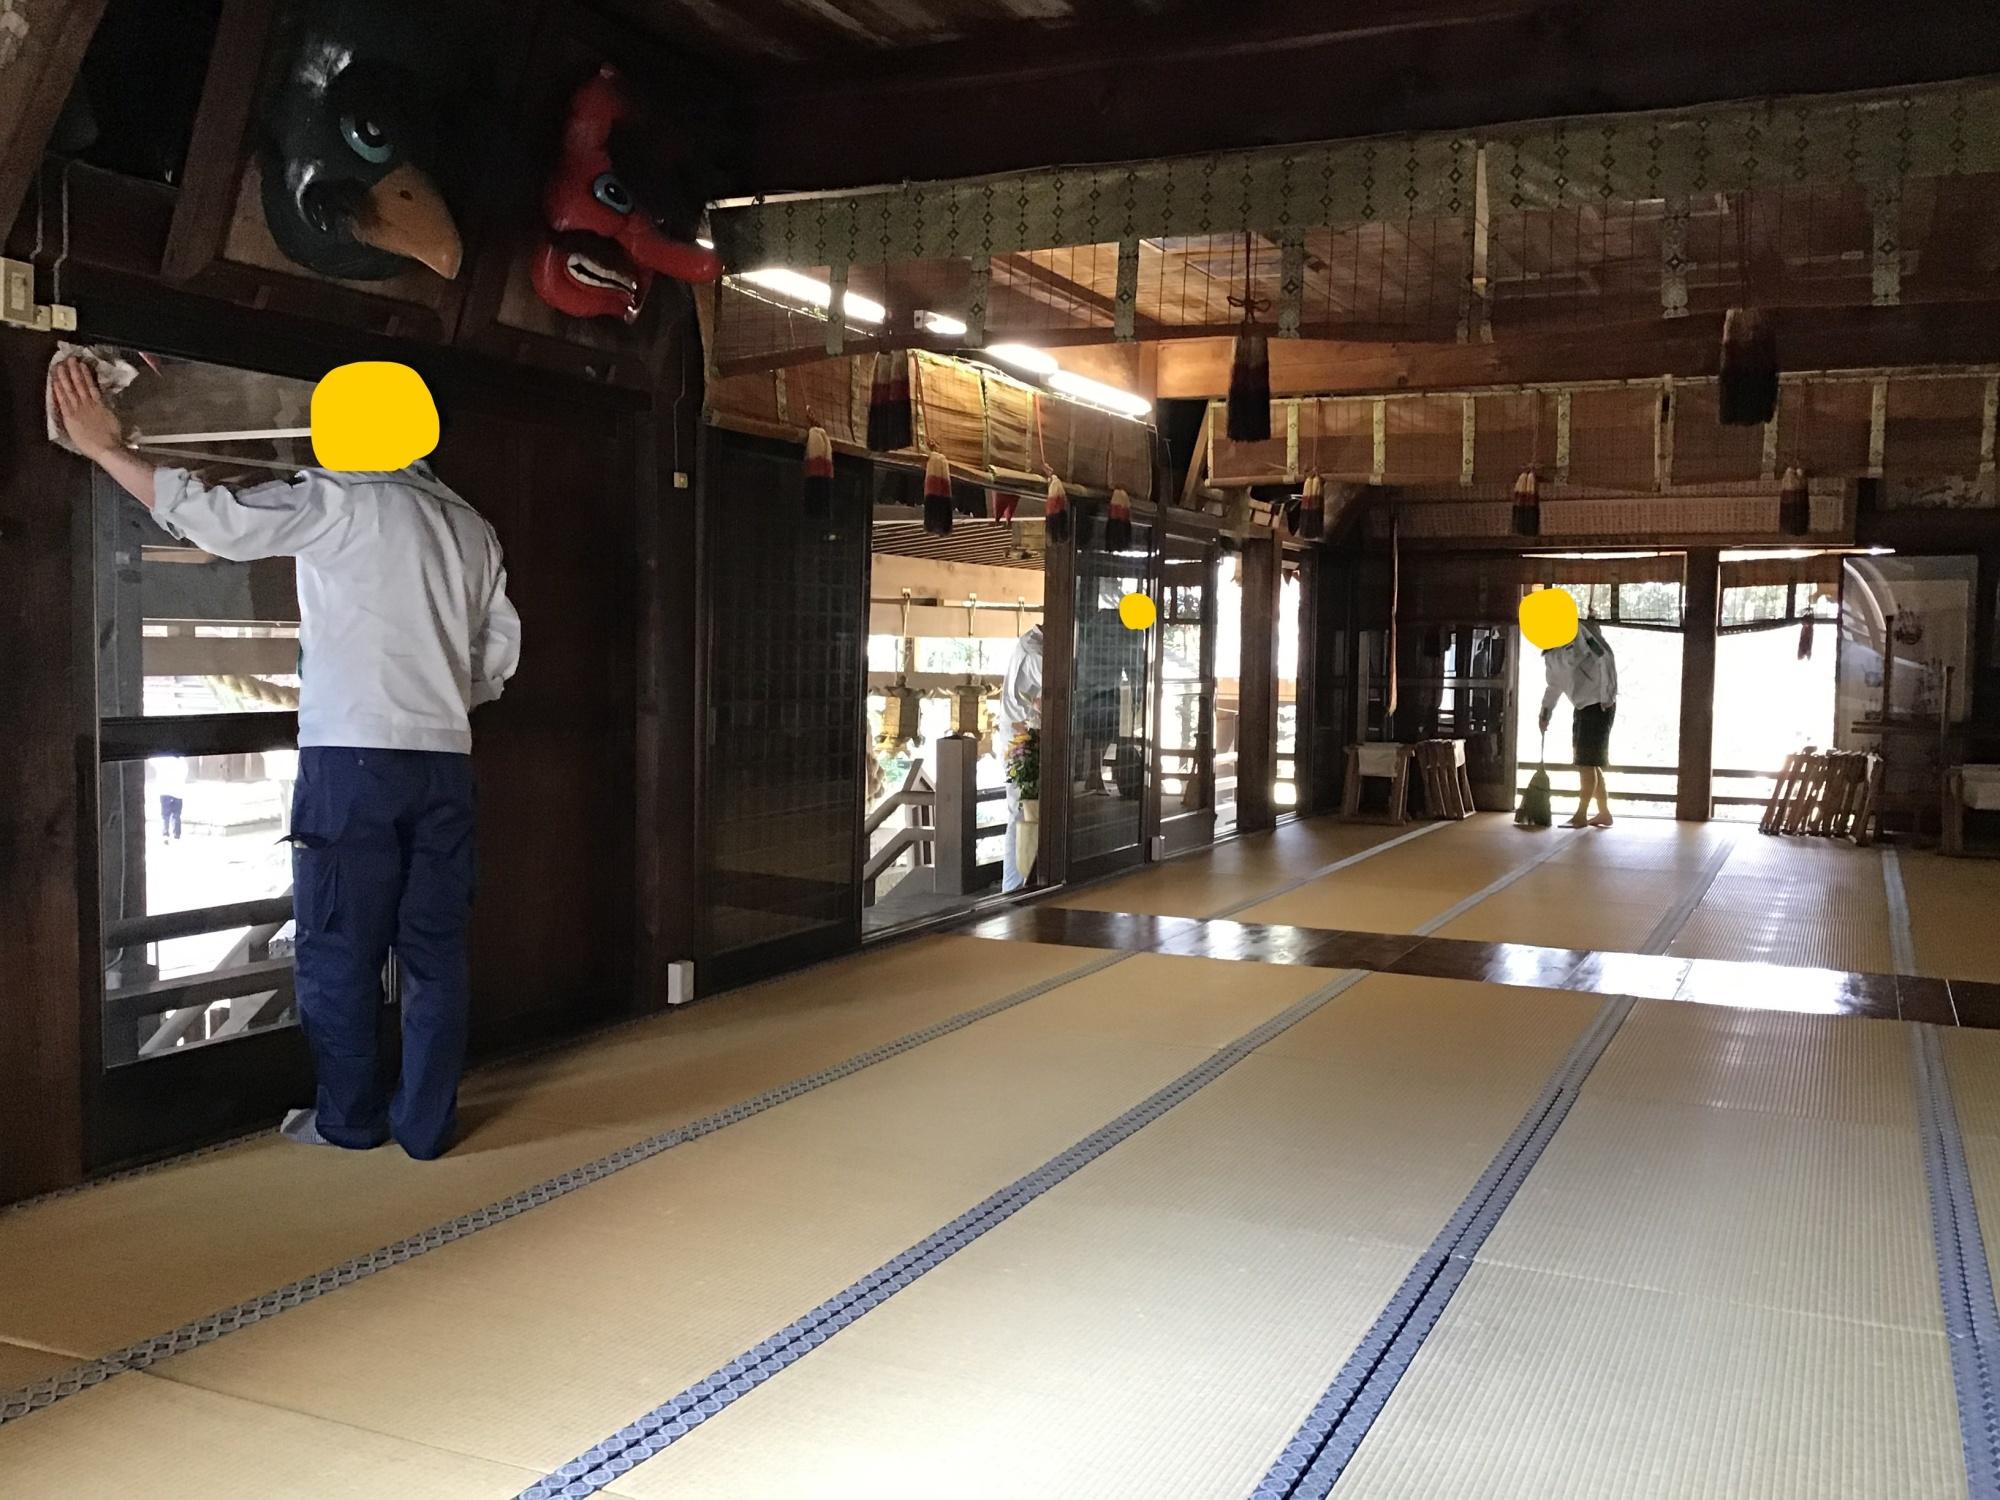 企業の新人研修の境内清掃奉仕 拝殿内